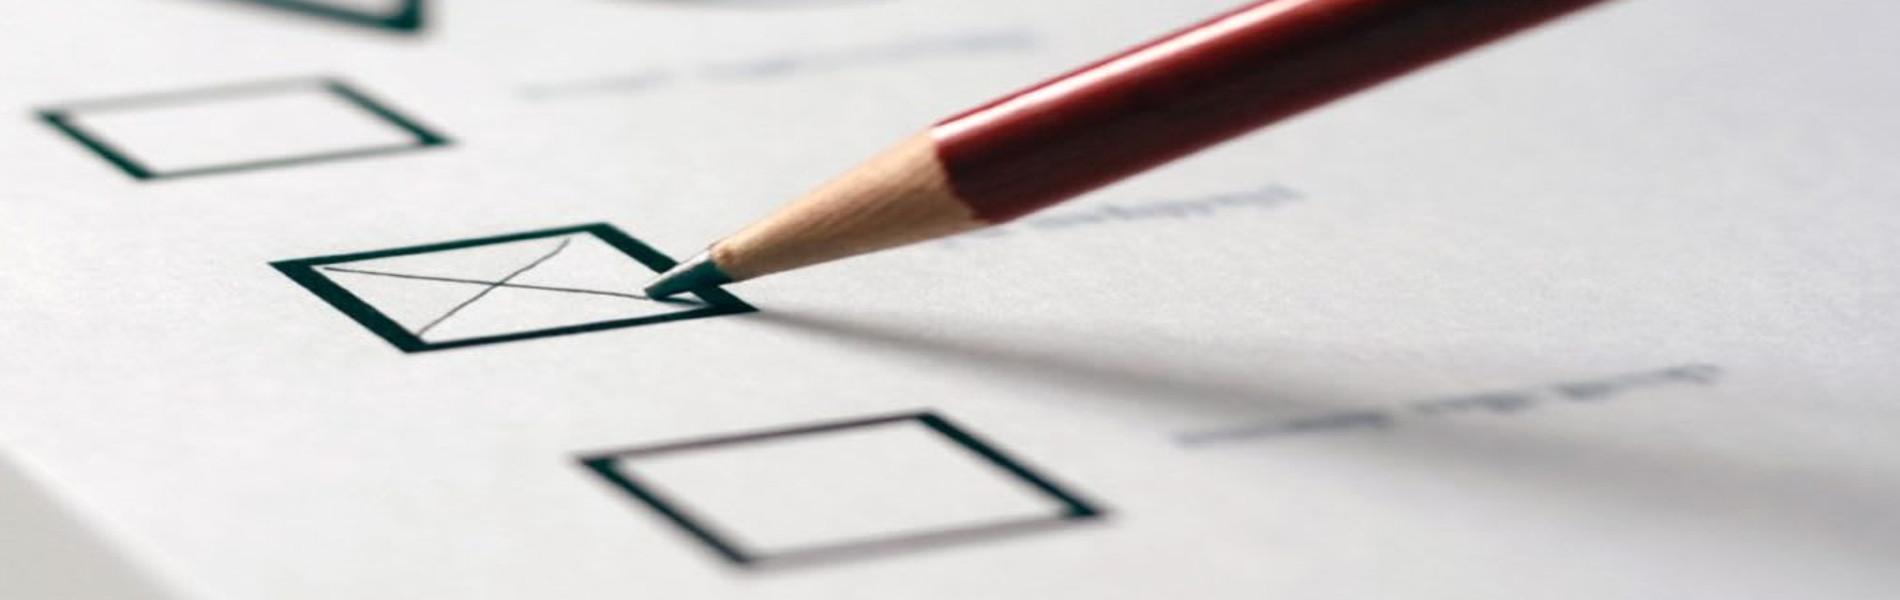 Desabafo e reflexão sobre o voto - juliocantuaria